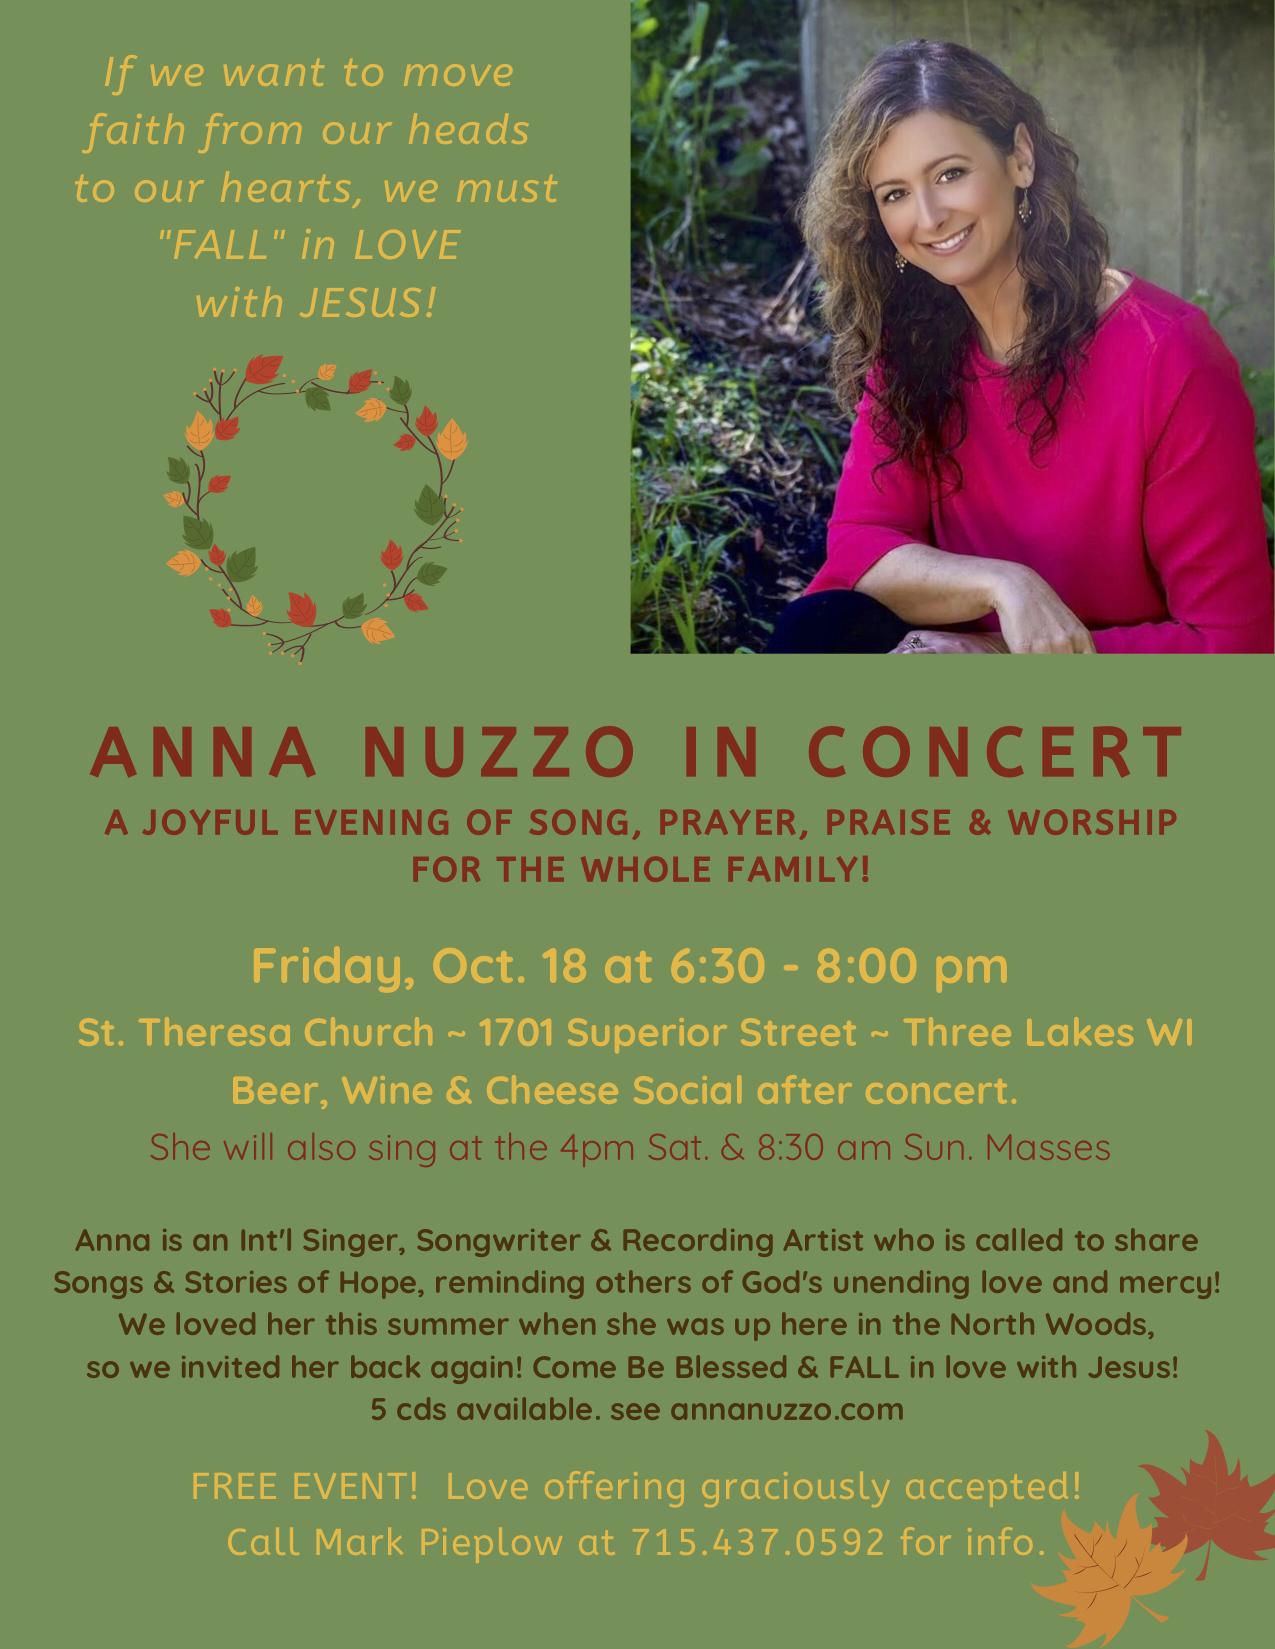 anna nuzzo in concert (1).jpg